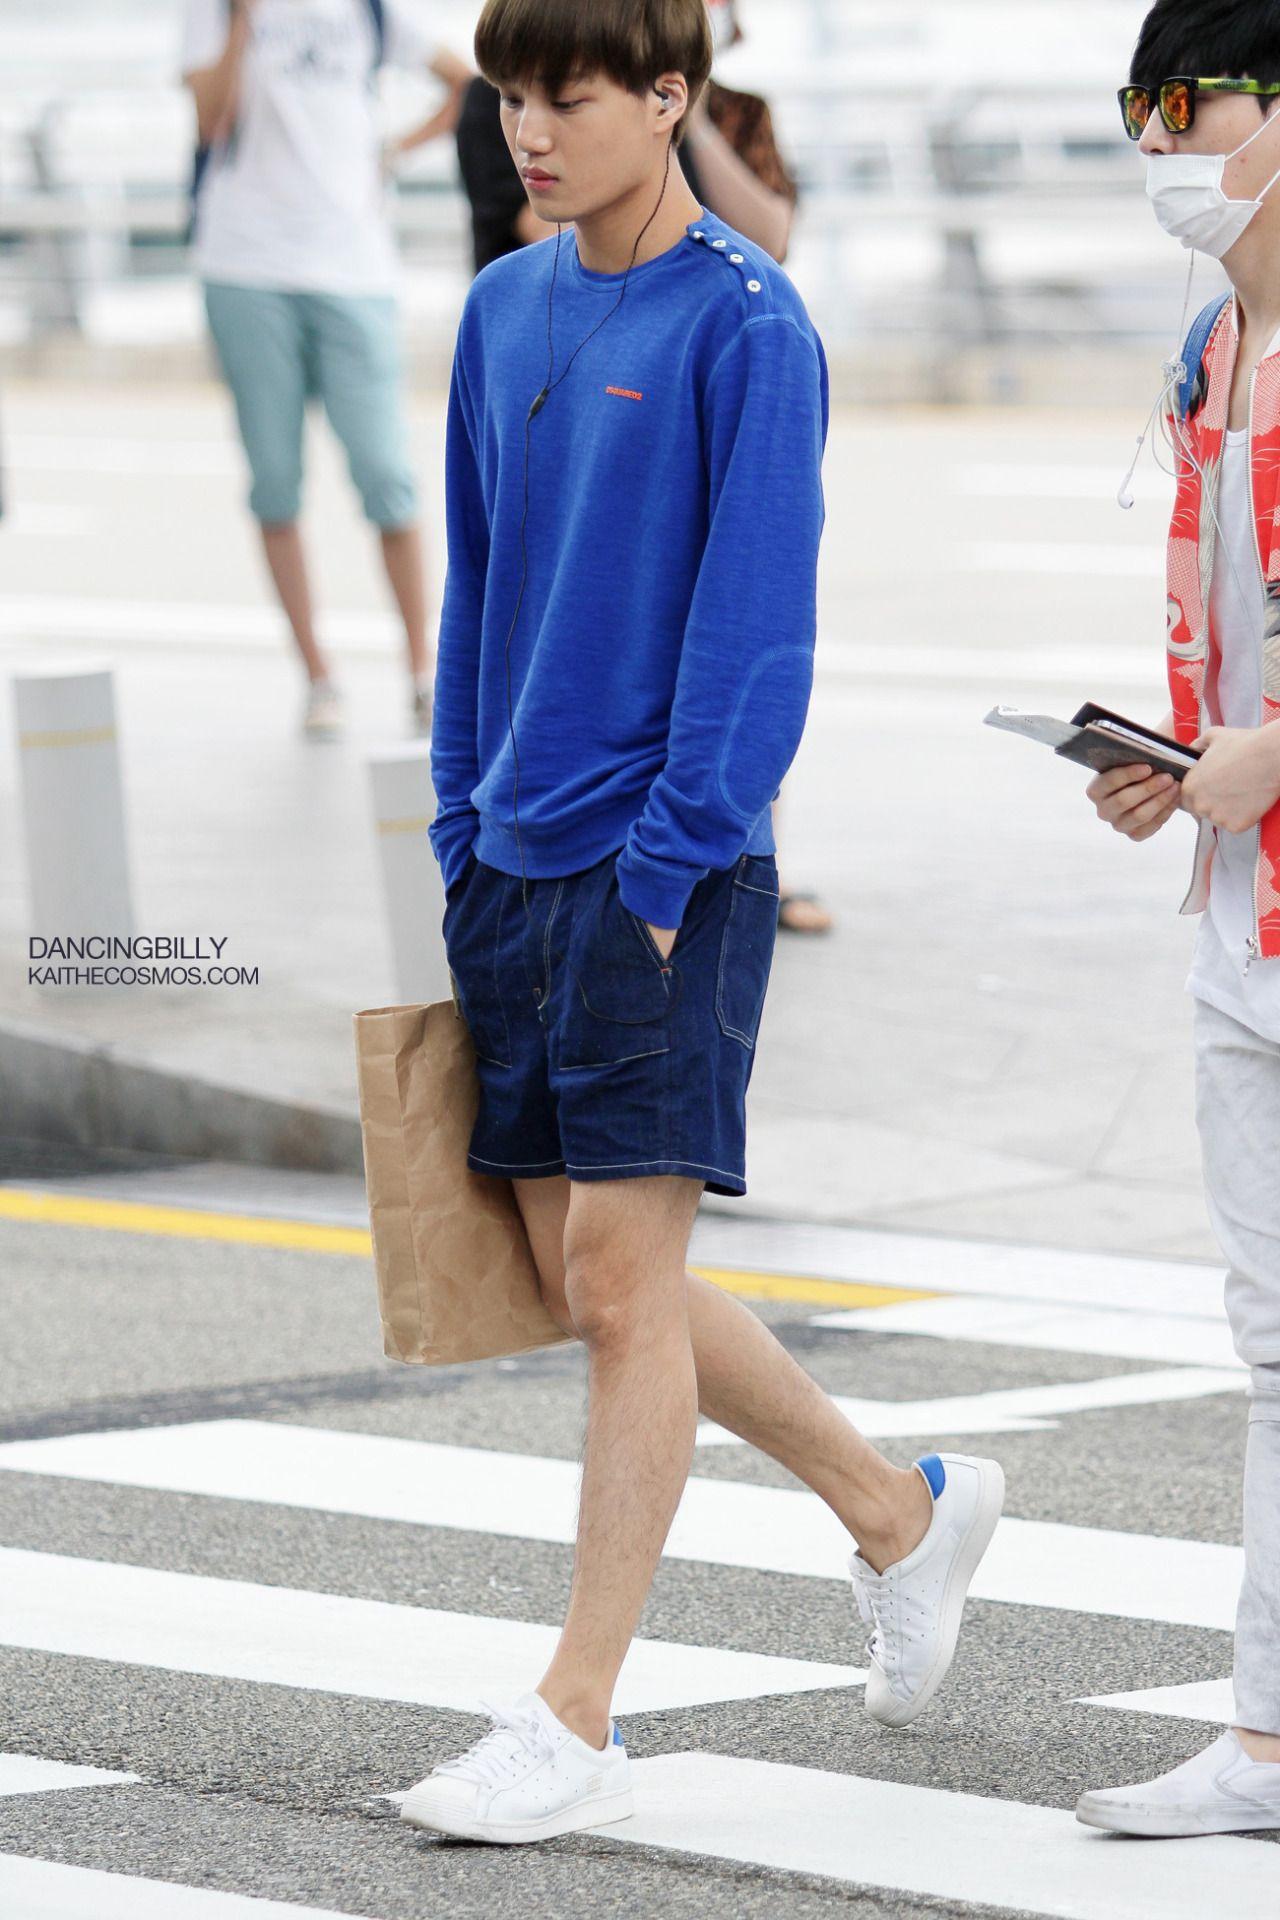 Daily Exo Exo Airport Fashion Exo Fashion Korean Fashion